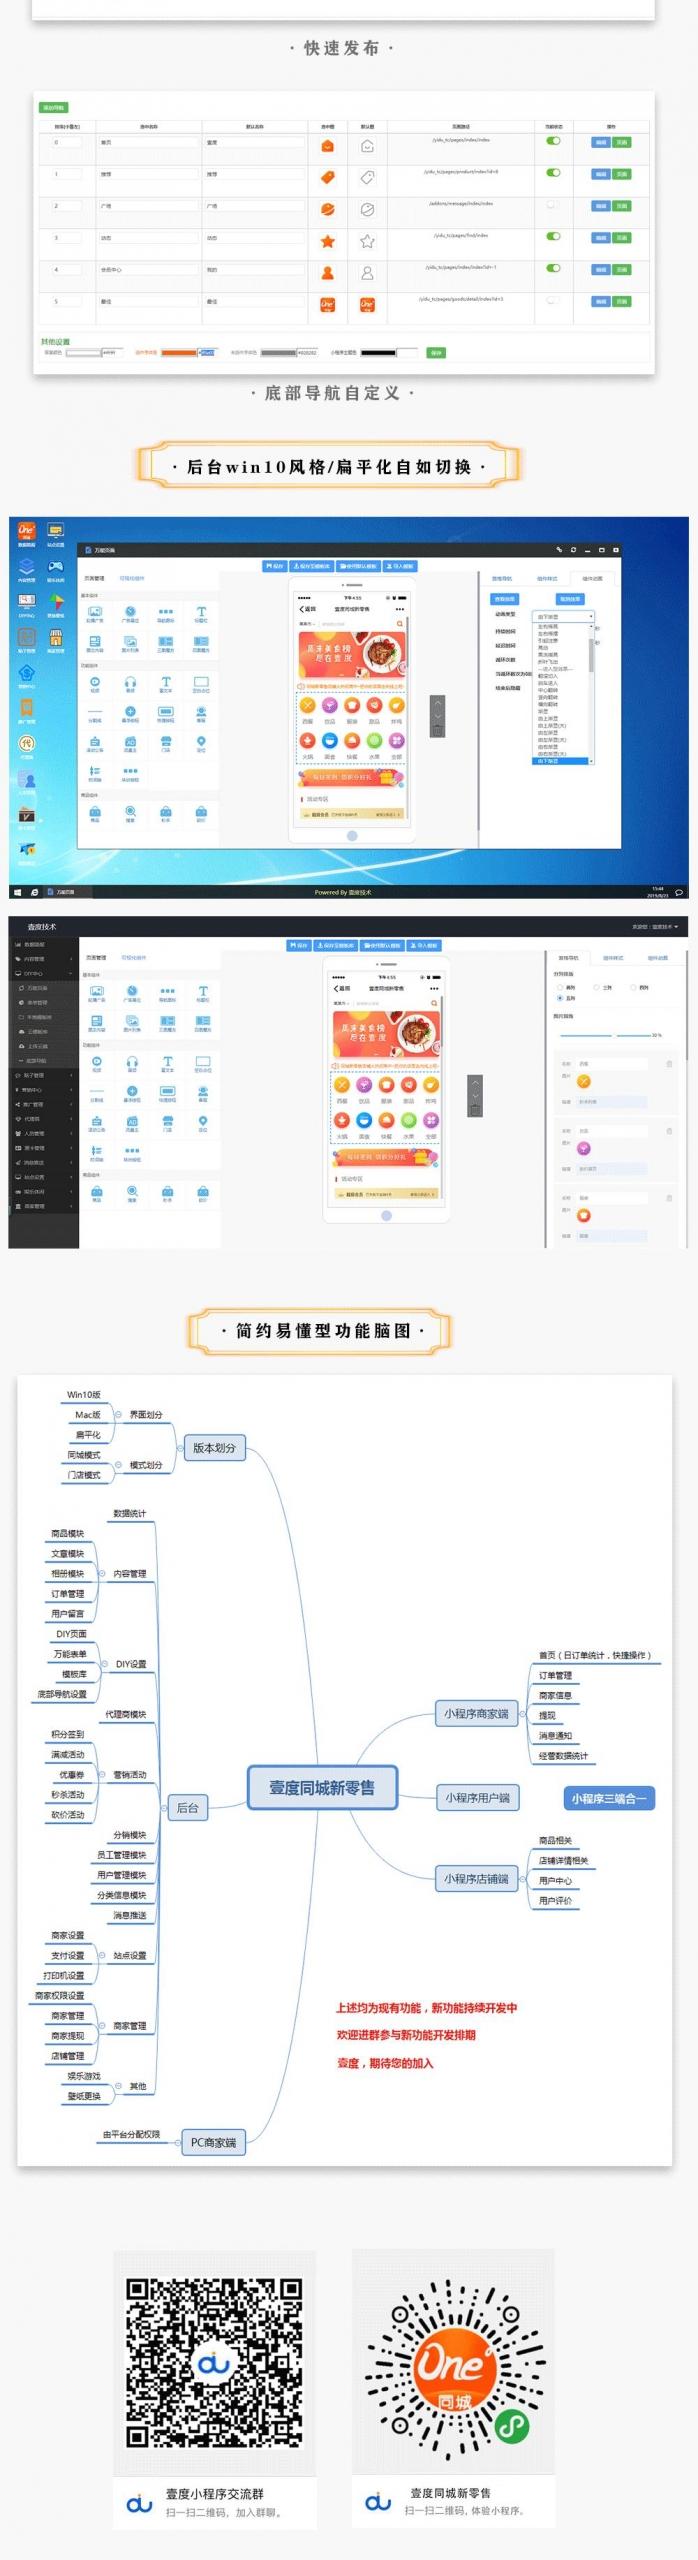 壹度同城新零售 V2.0.3原版+小程序前端 微信小程序微信通用功能模块源码下载